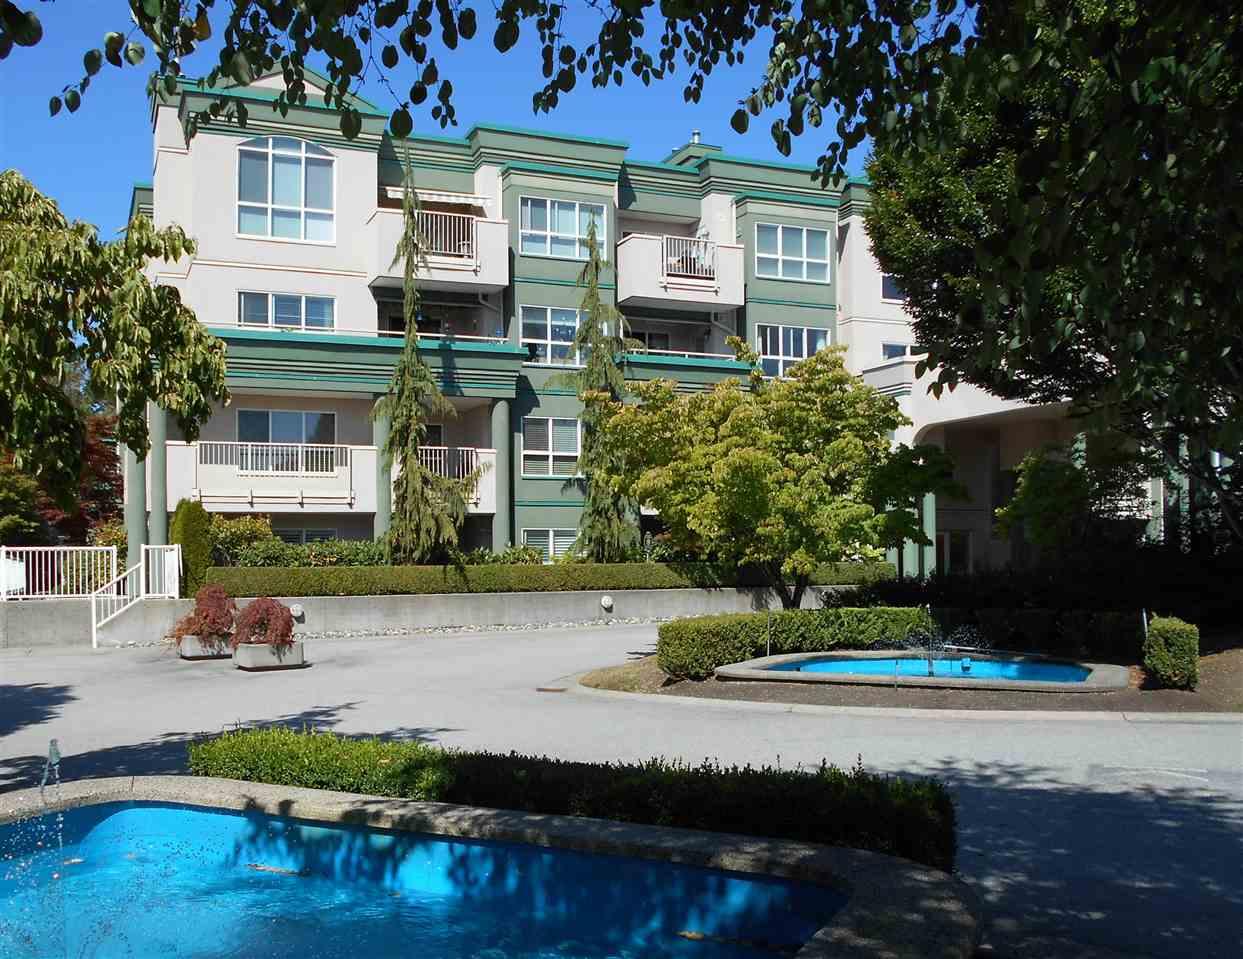 Condo Apartment at 207 13870 70 AVENUE, Unit 207, Surrey, British Columbia. Image 1